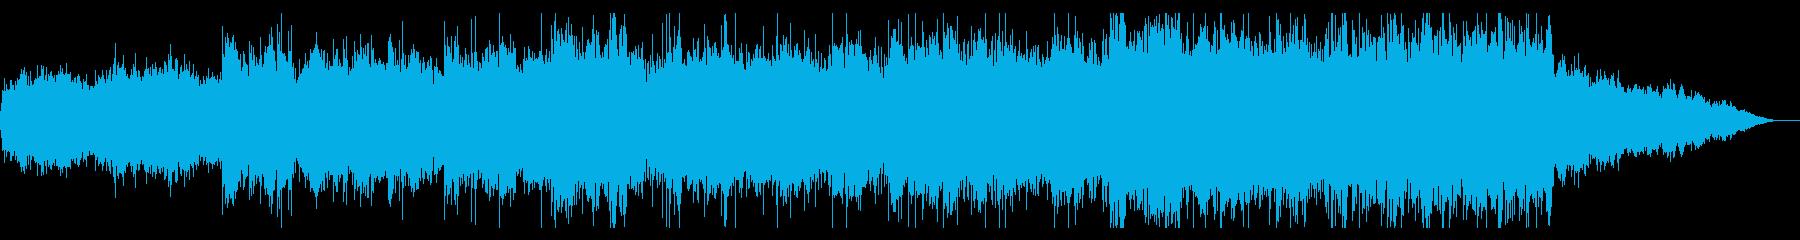 壮大で不気味なテクスチャの再生済みの波形